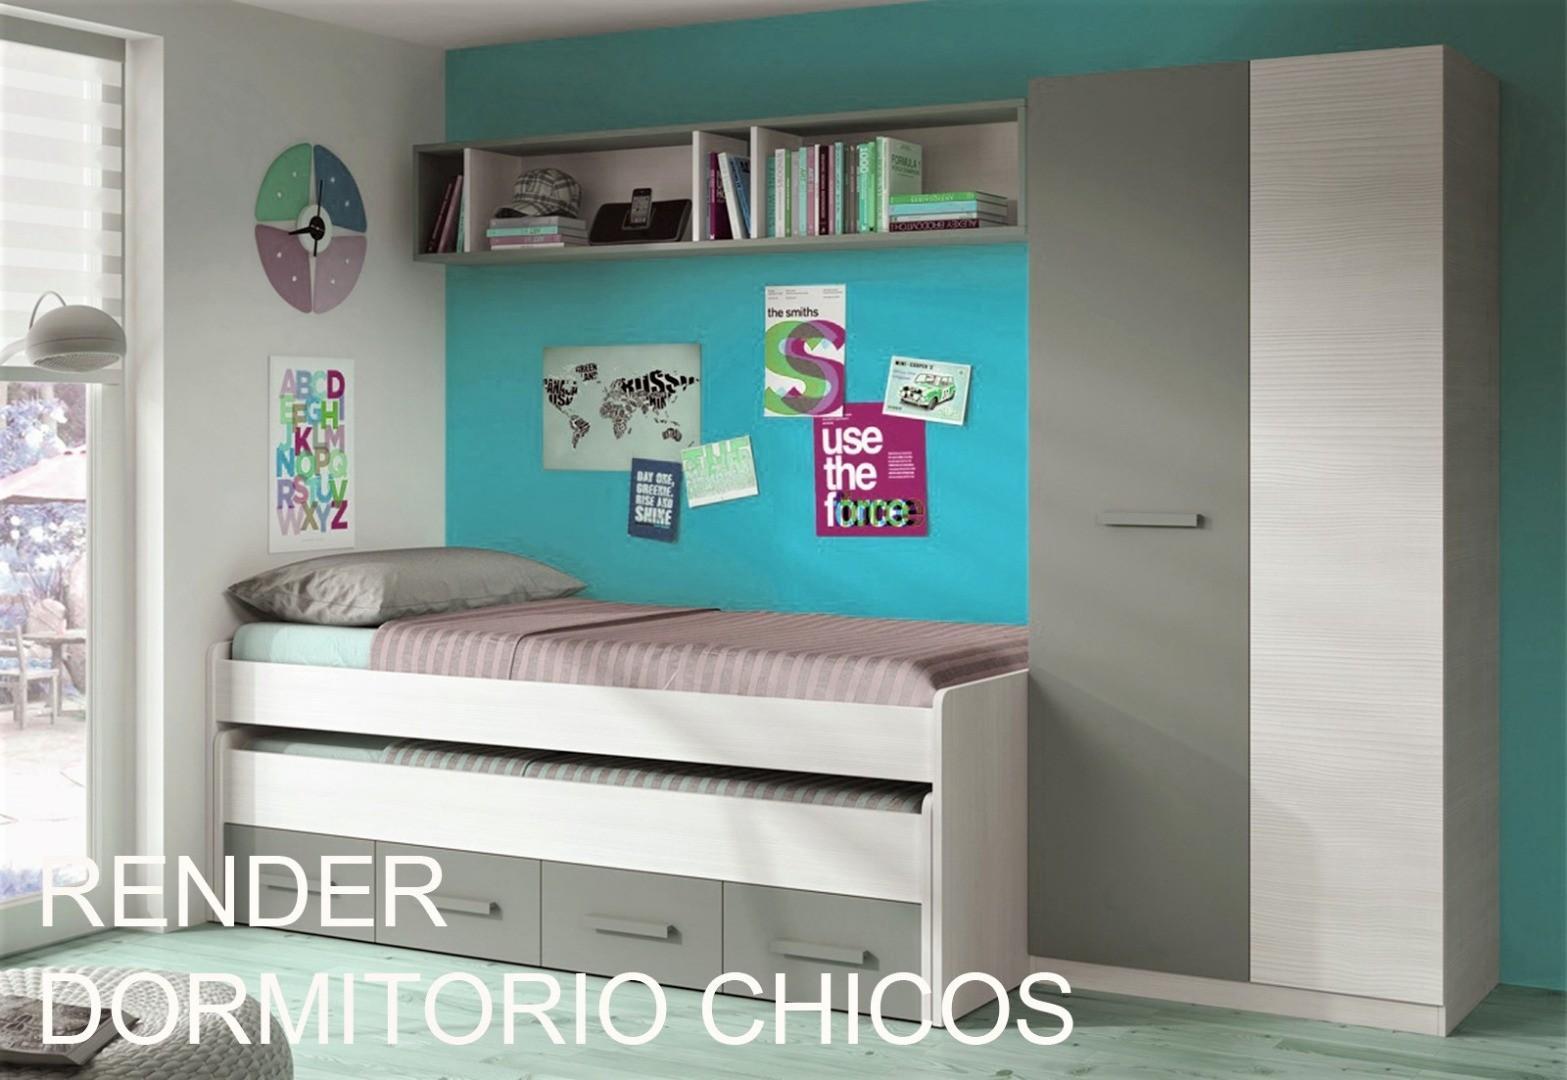 Casa - 140 m² | 4 dormitorios | 2 baños